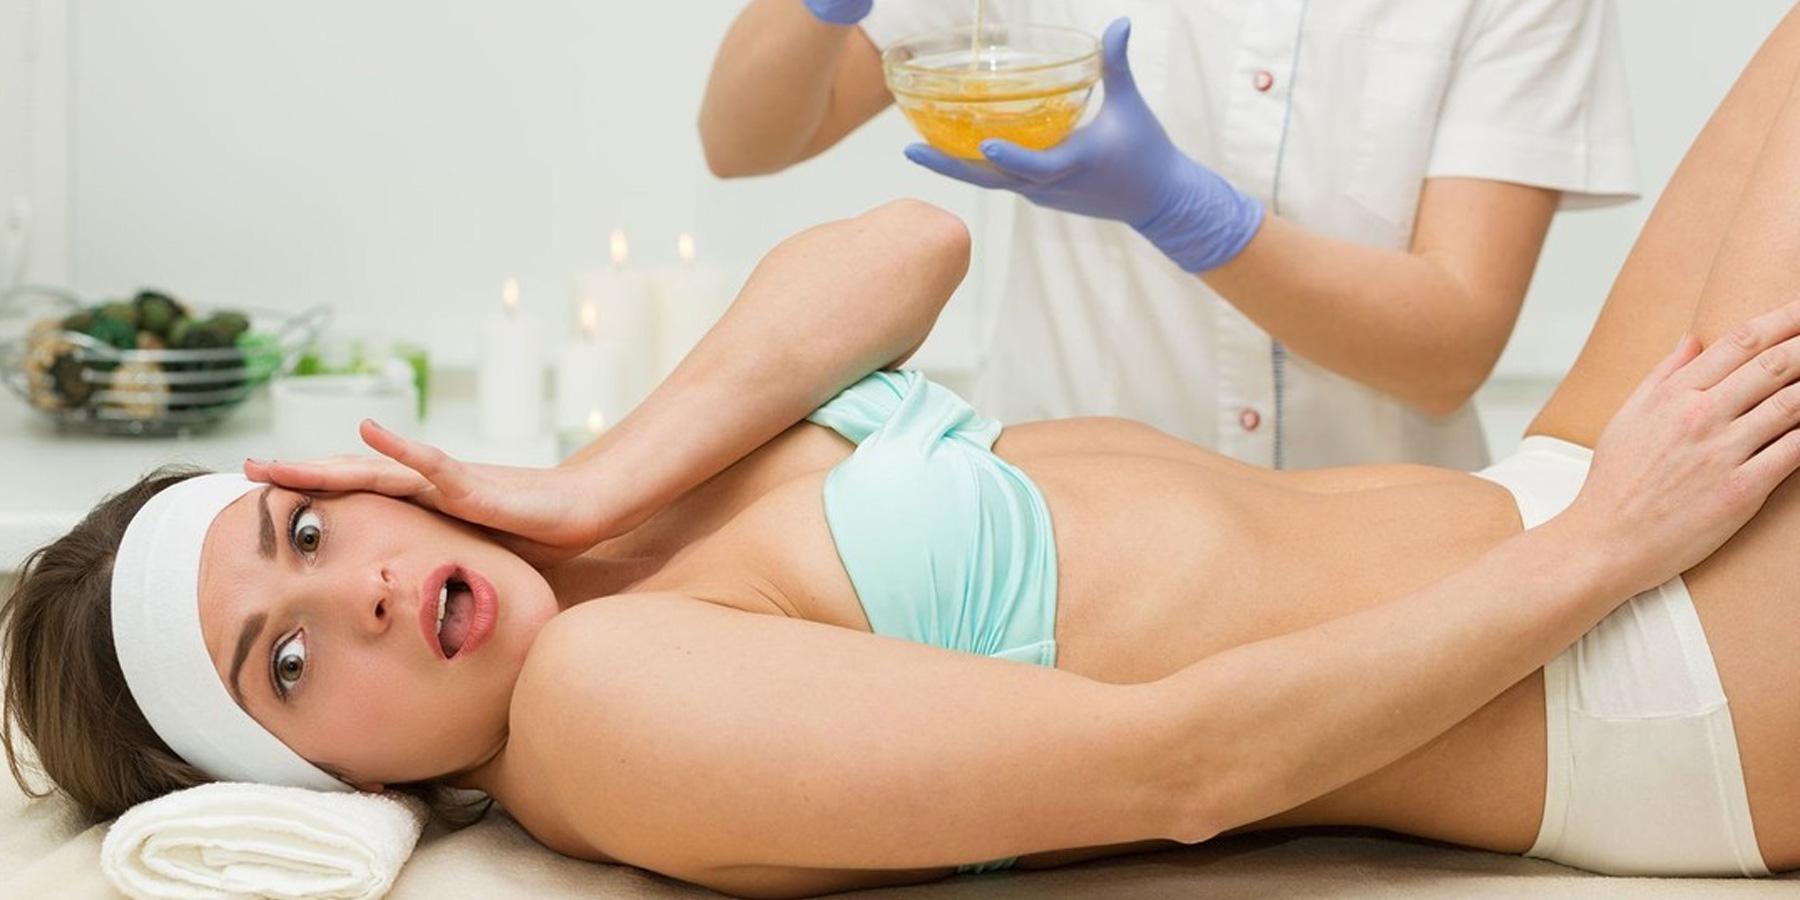 Глубокая эпиляция зоны бикини: правила безопасной процедуры